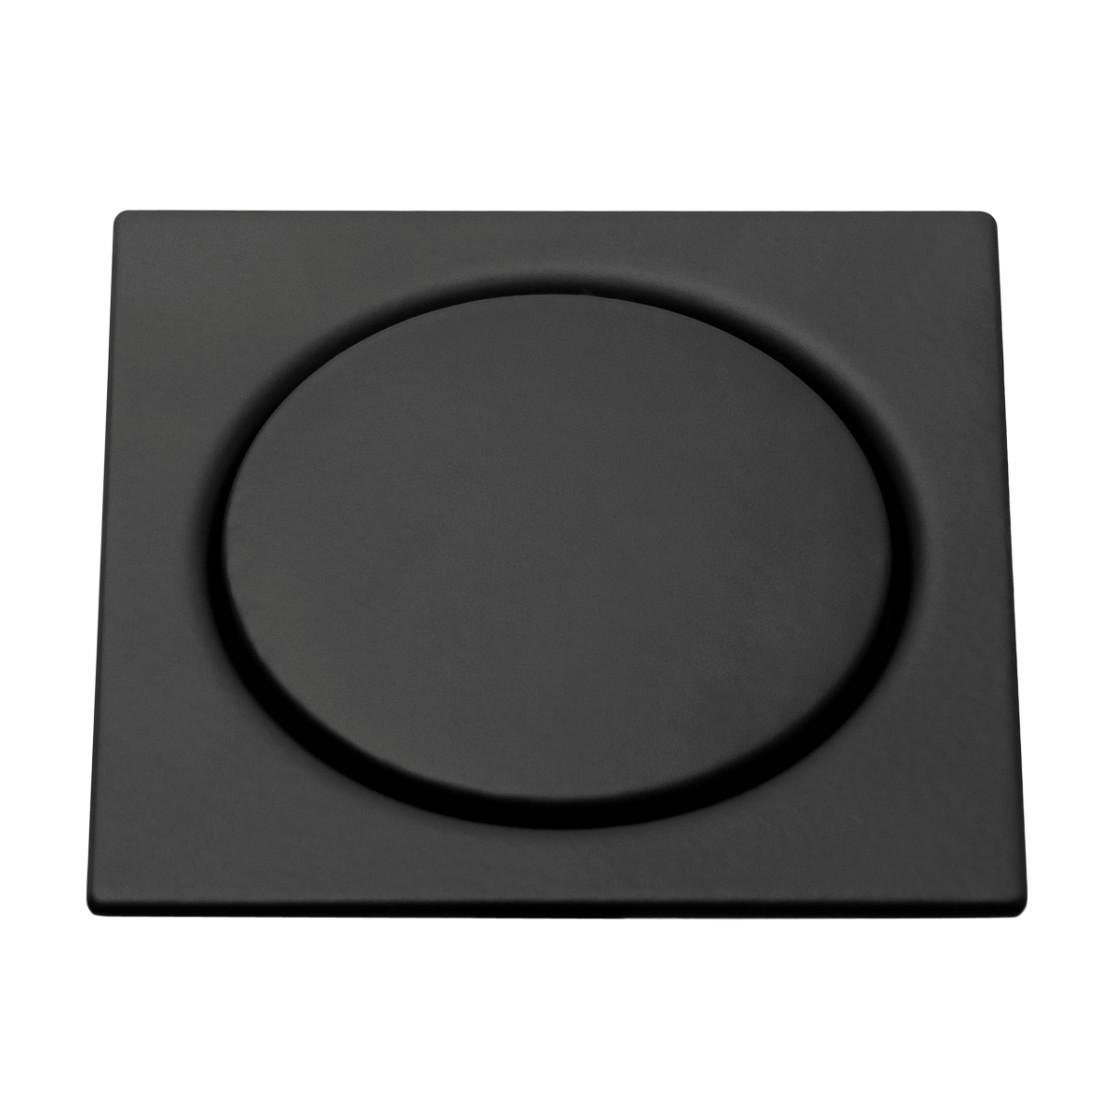 Grelha Quadrada com Fechamento Pressao 10x10 cm em Aco Inox 304 - Meber